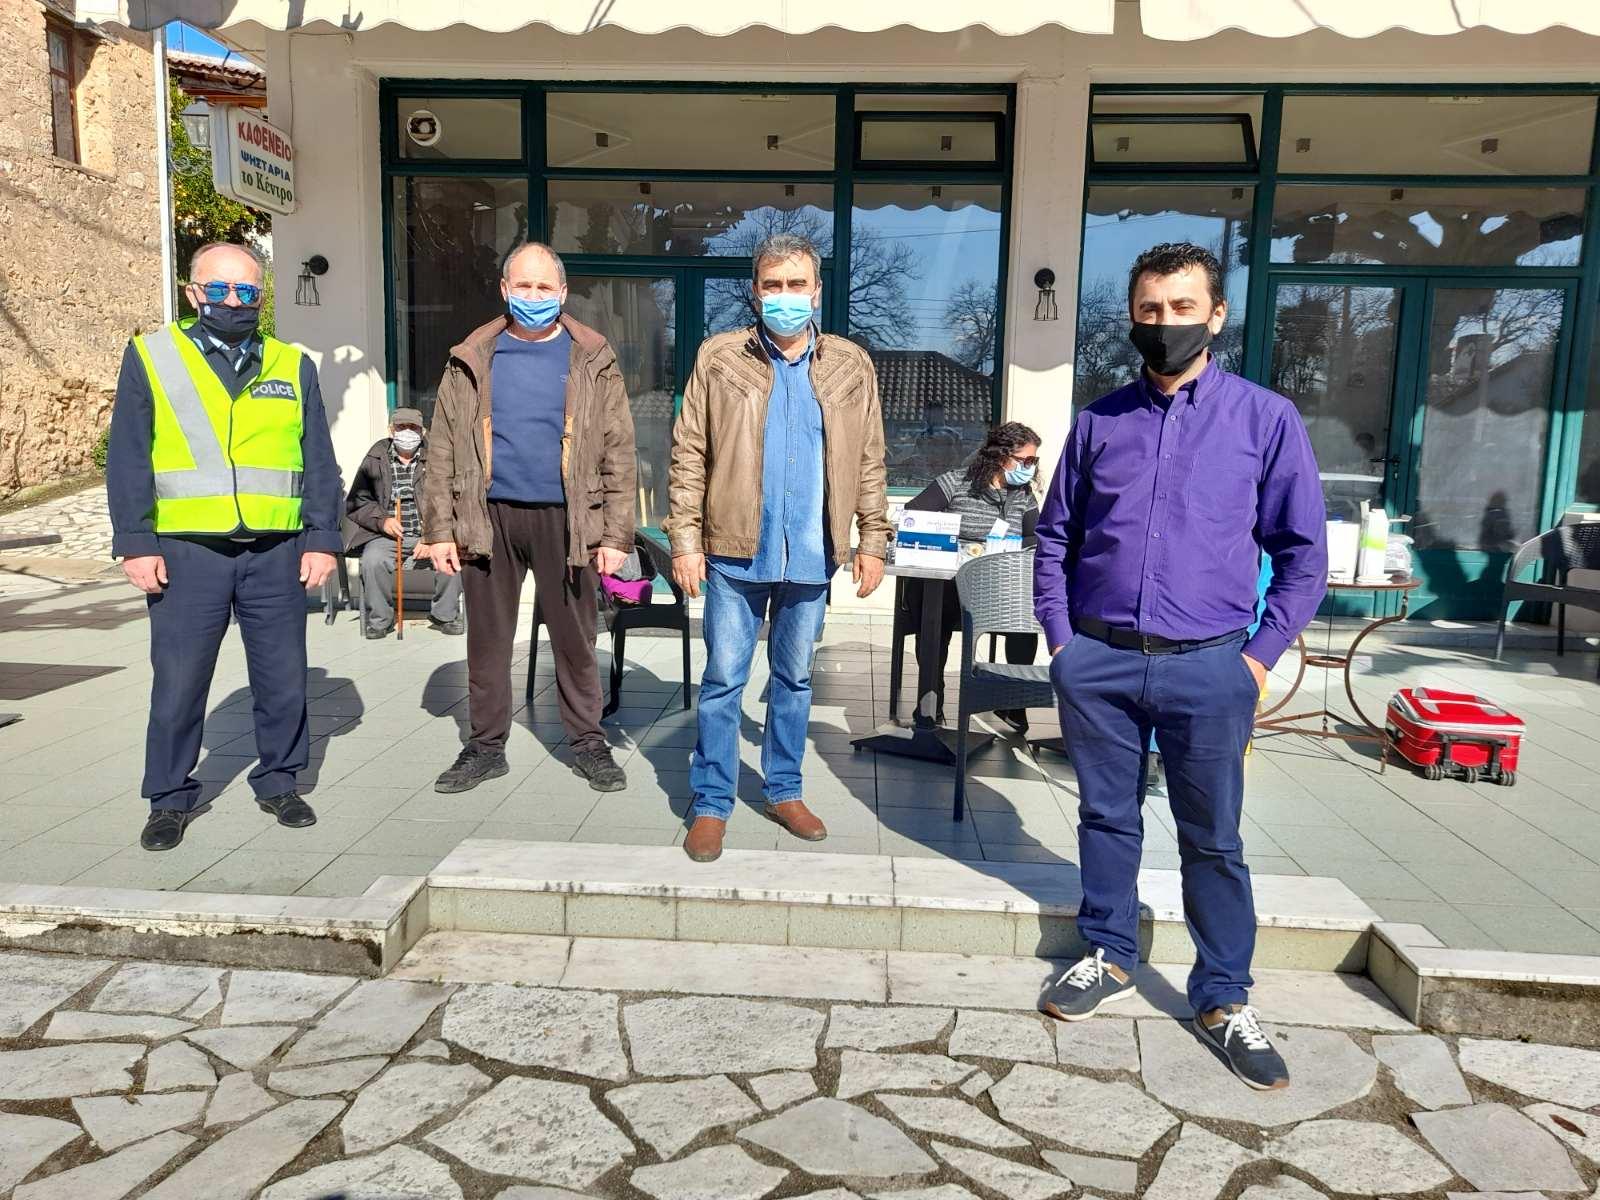 Δήμος Αρχαίας Ολυμπίας: Αρνητικά τα rapid tests σε Πανόπουλο - Βασιλάκι (photos)